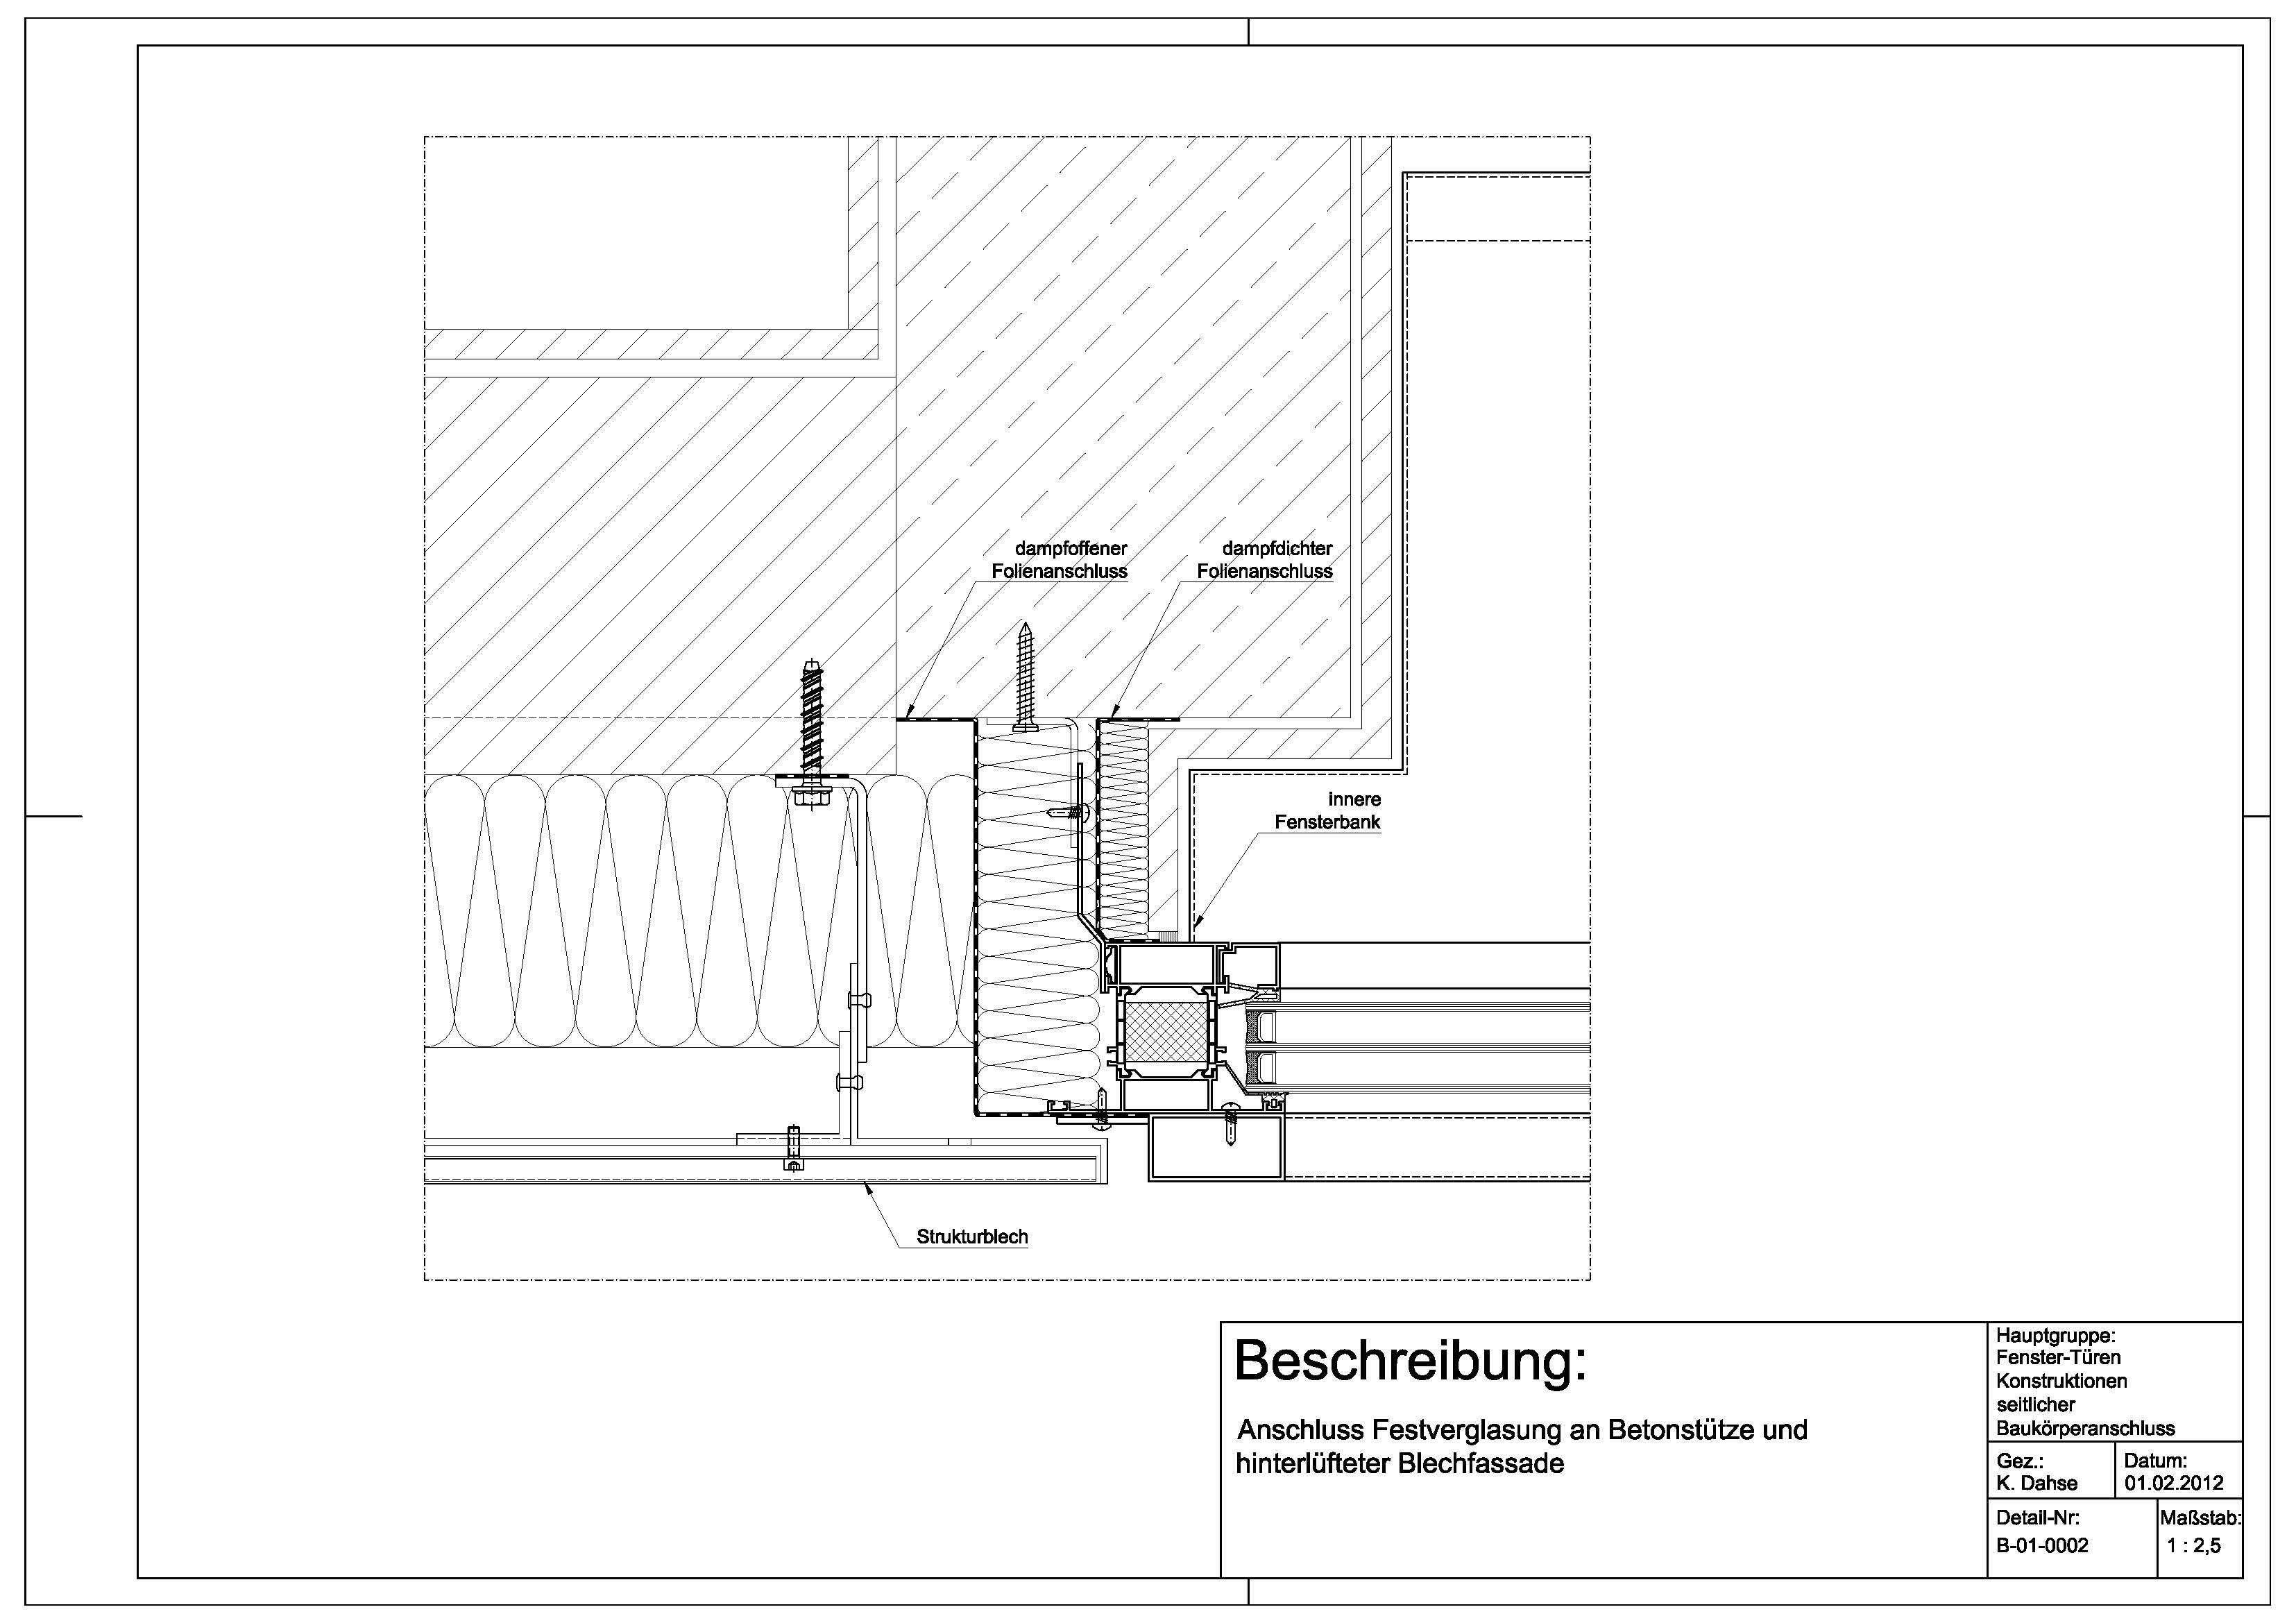 Tür detail grundriss  B-01-0002 Anschluss Festverglasung an Betonstütze und ...